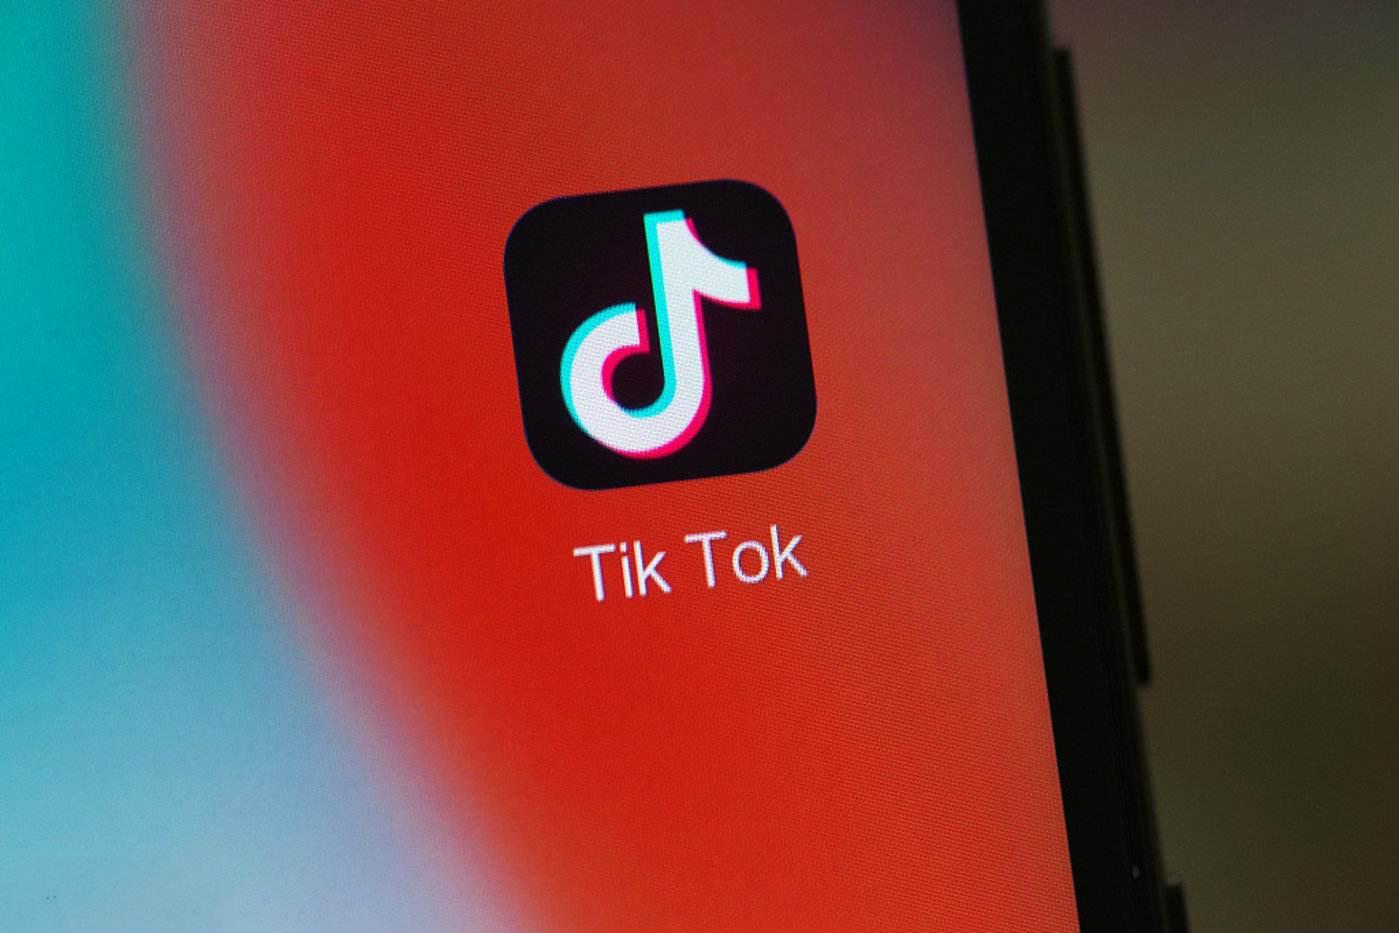 微软确认Tiktok拒绝其收购要约,字节跳动不会出售TikTok美国分公司